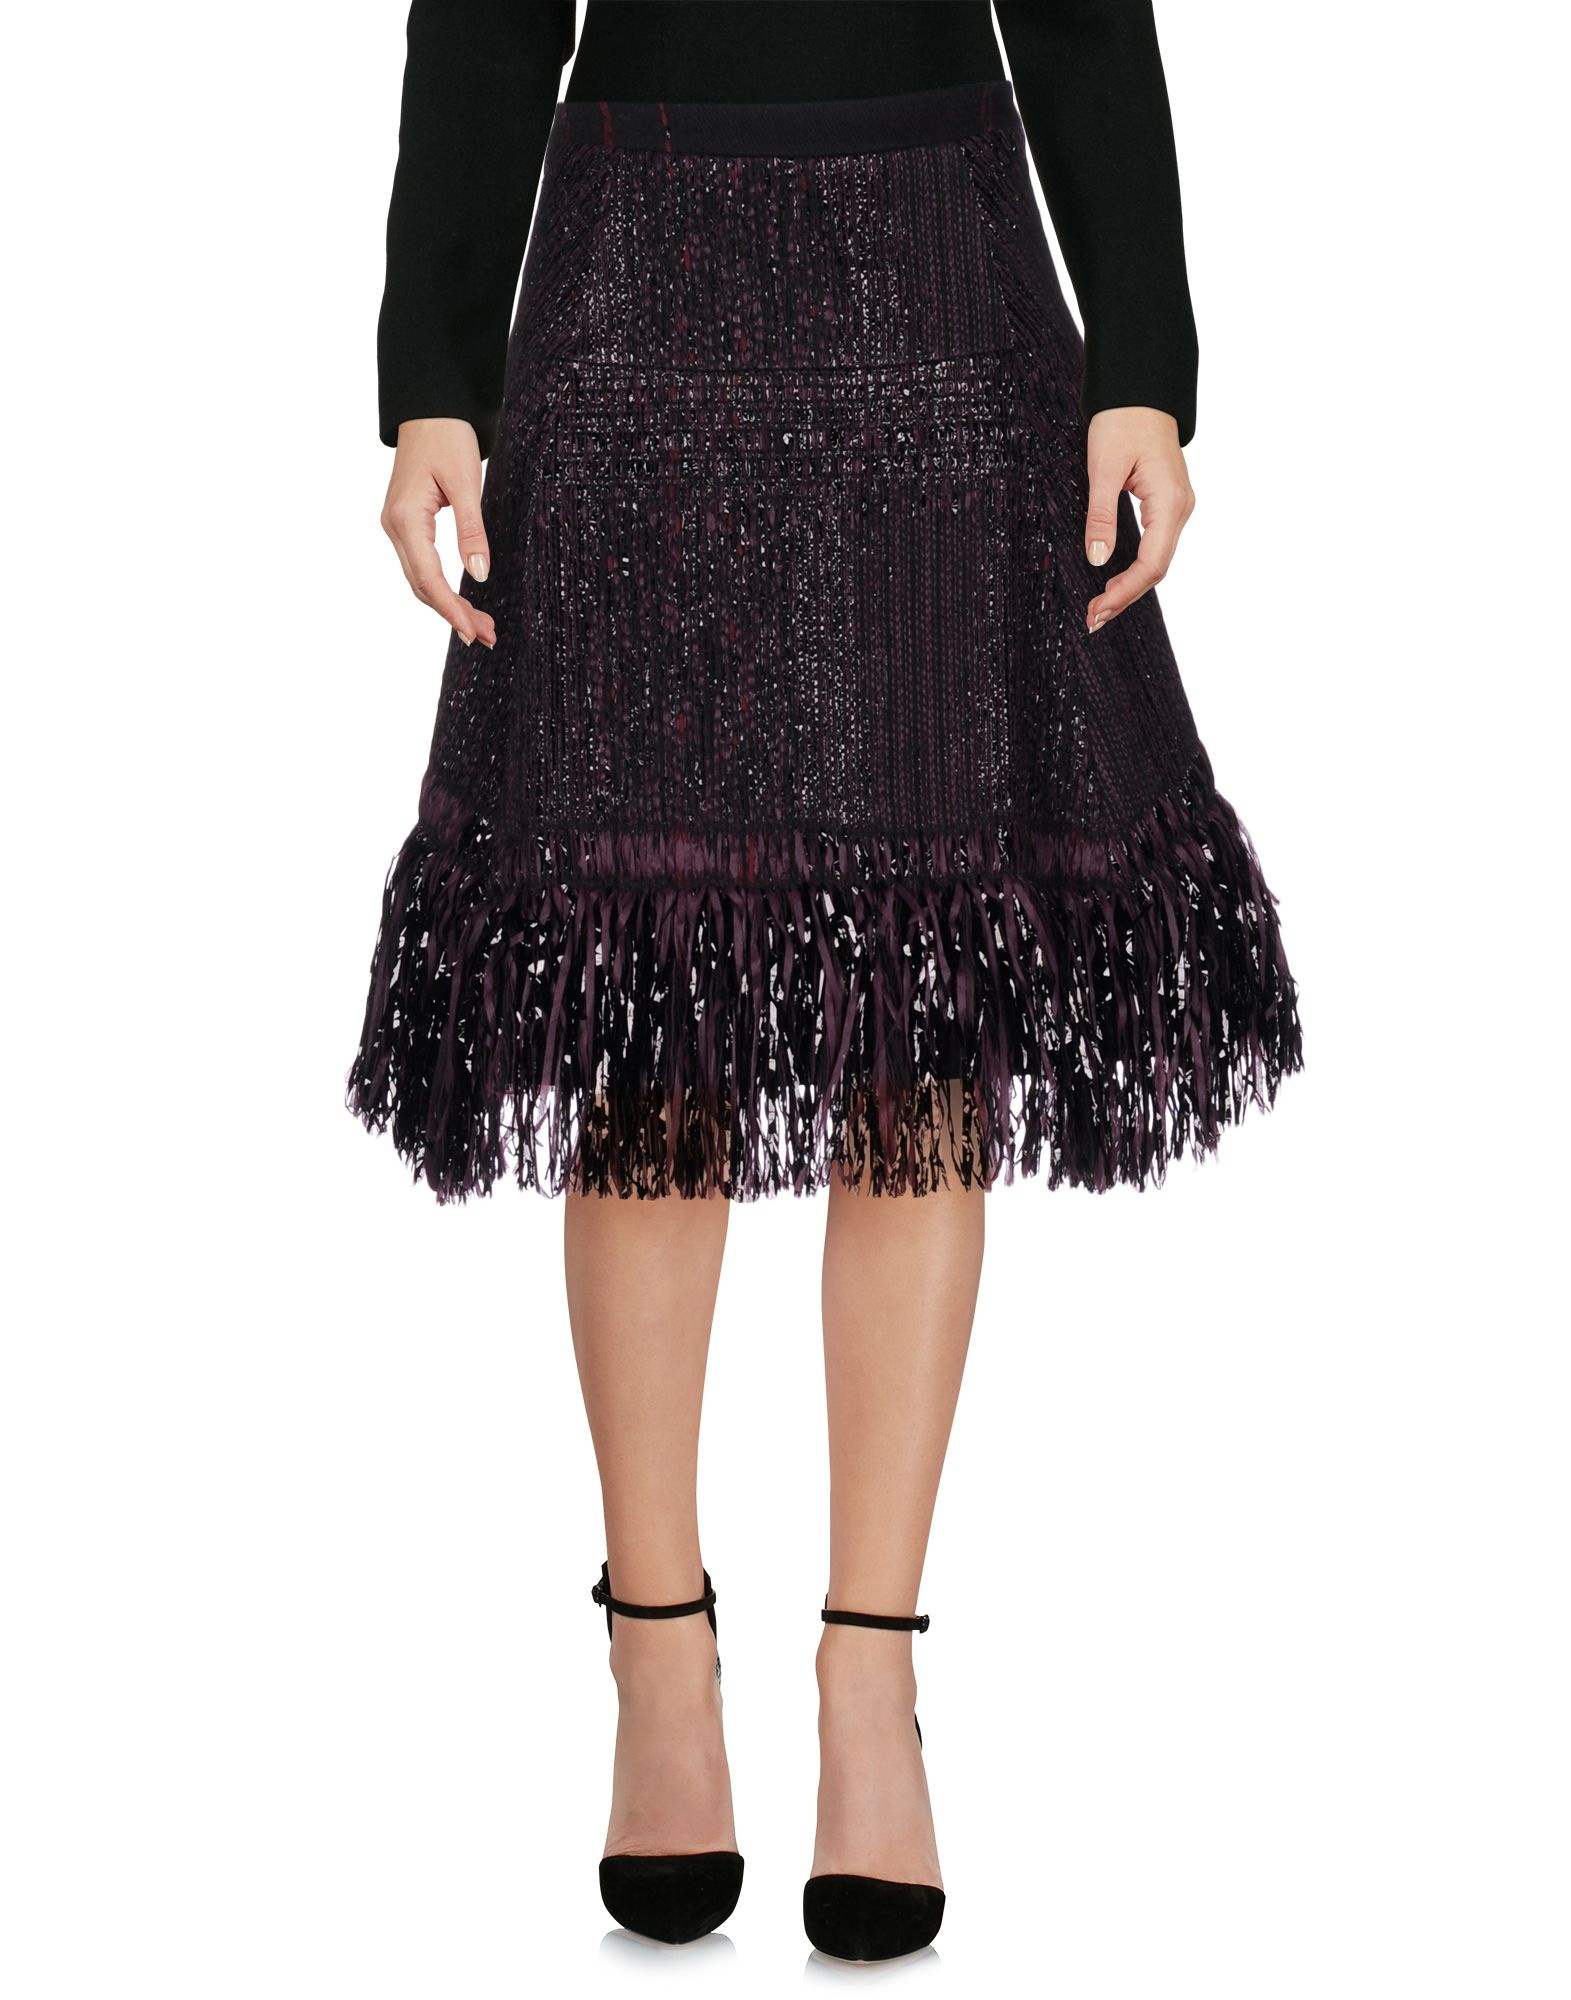 MAURIZIO PECORARO Knee Length Skirt in Dark Purple